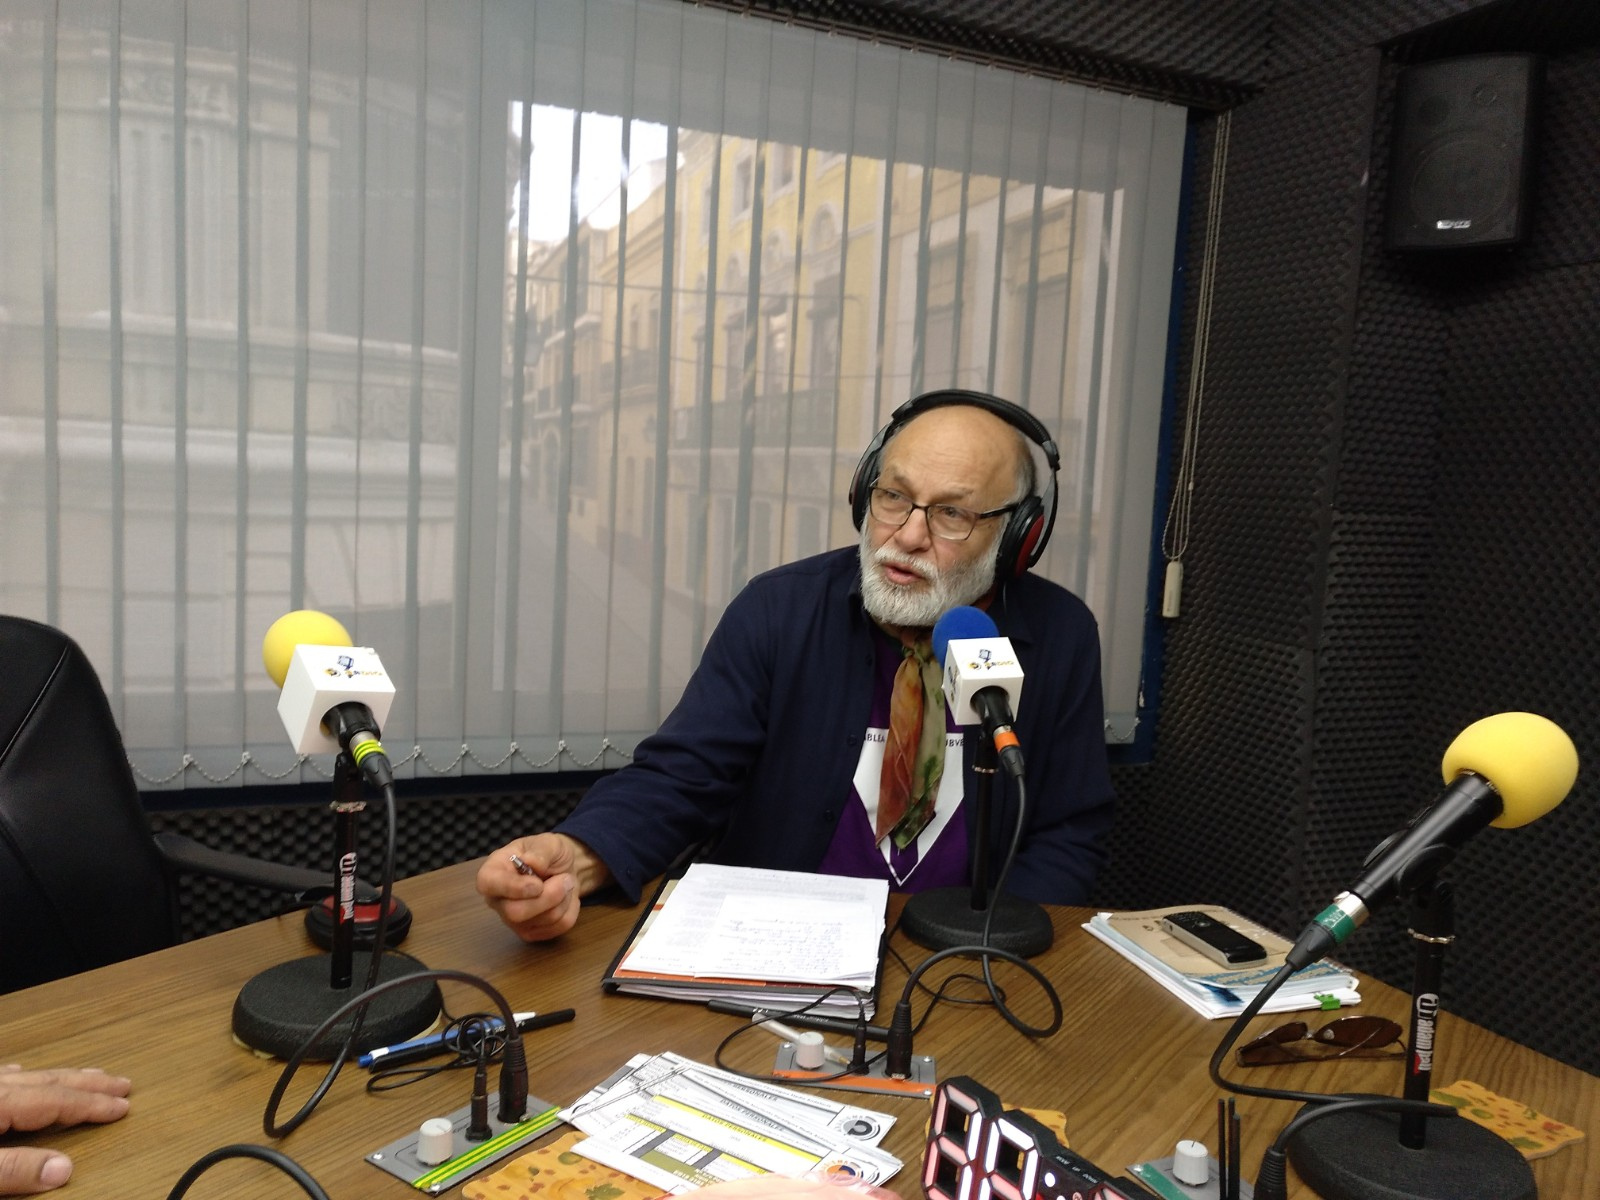 """Guillermo Contreras: """"El decrecimiento va a llegar de todas maneras, pero va a llegar de forma desordenada"""""""